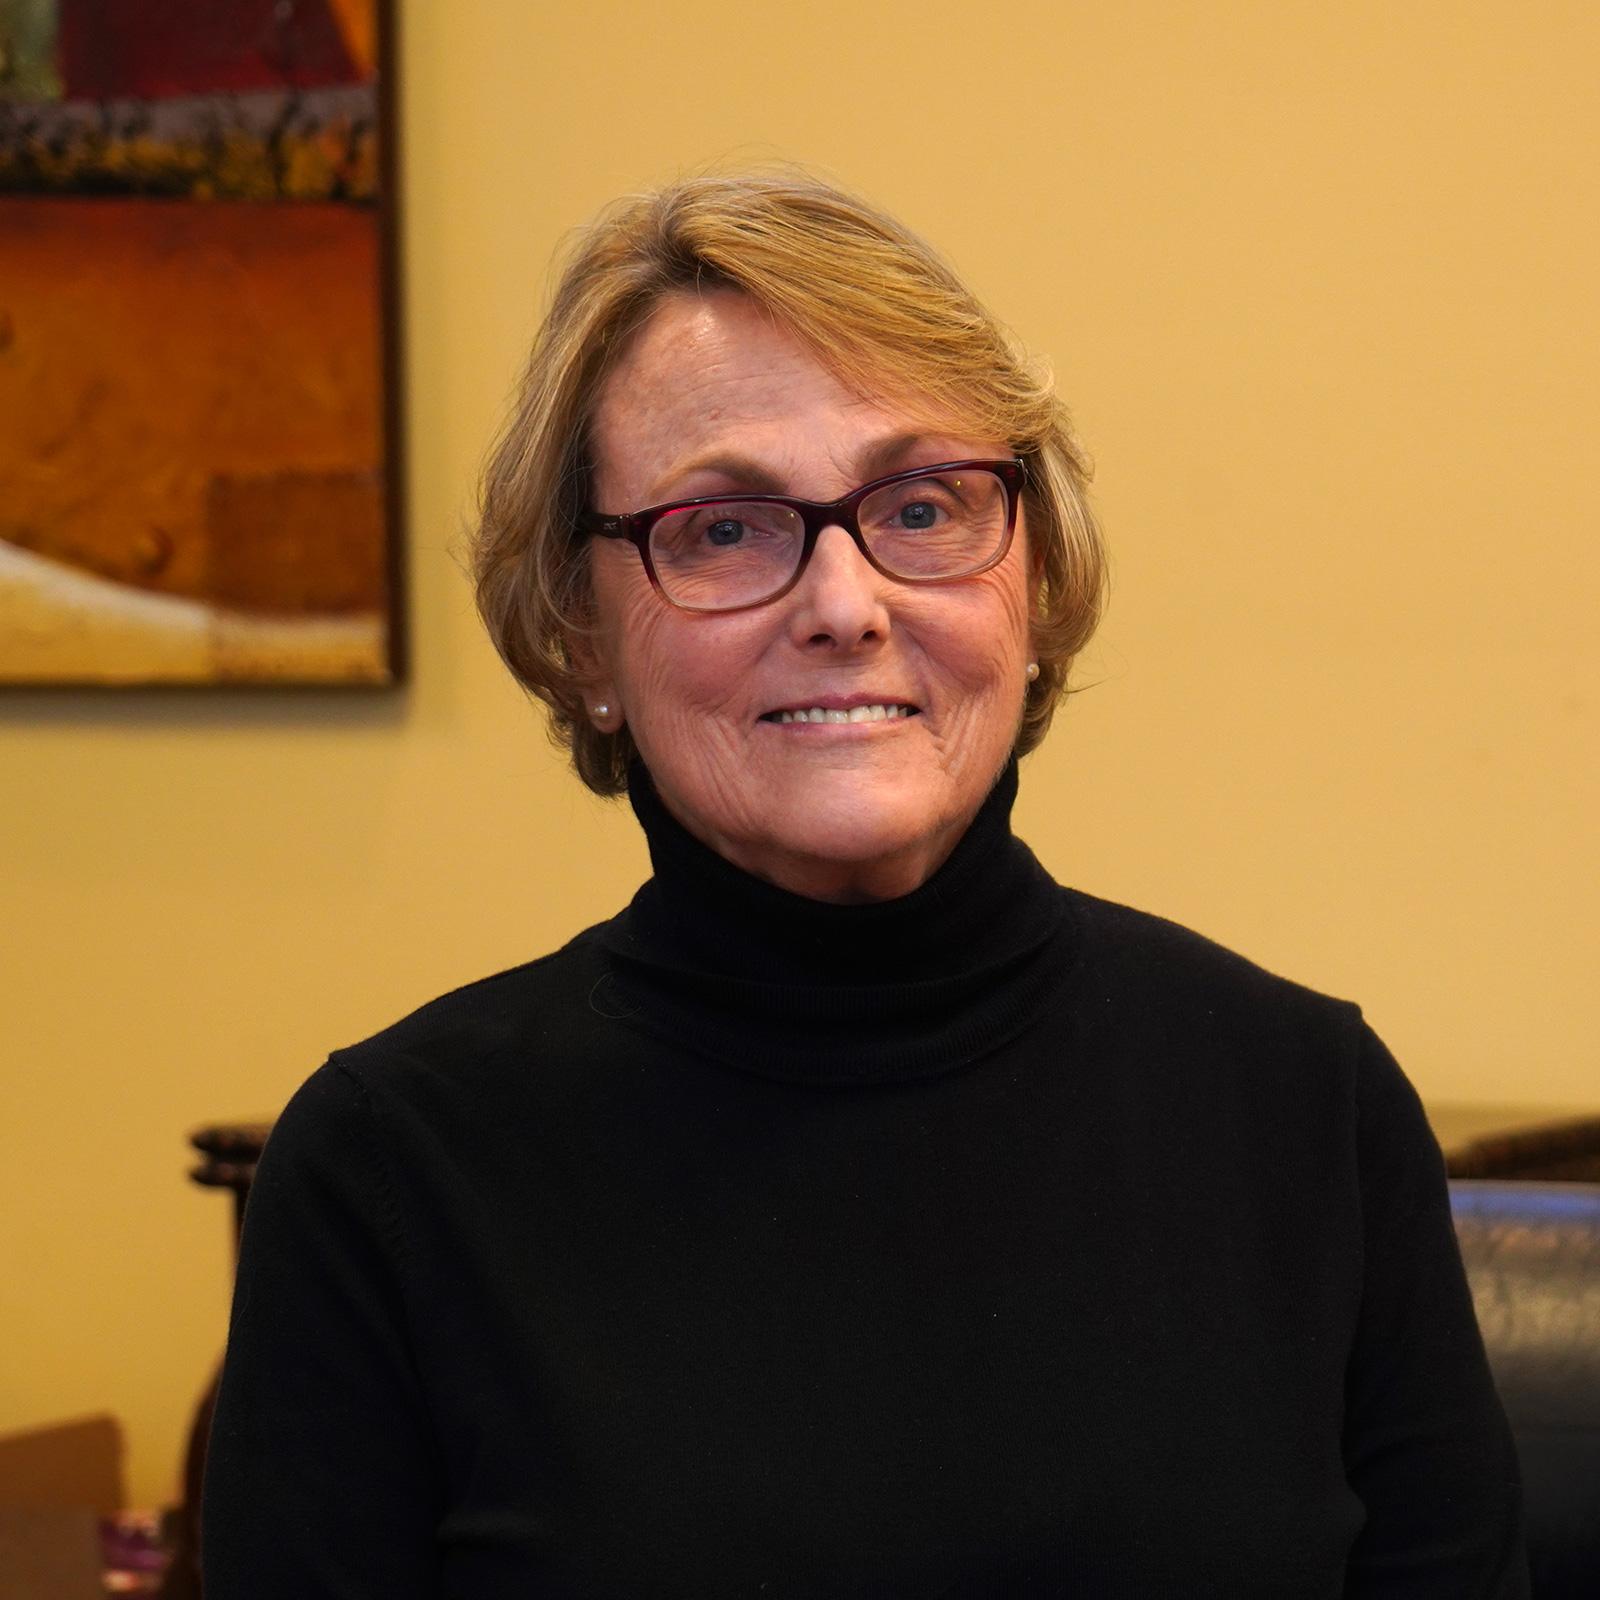 Paula Torado